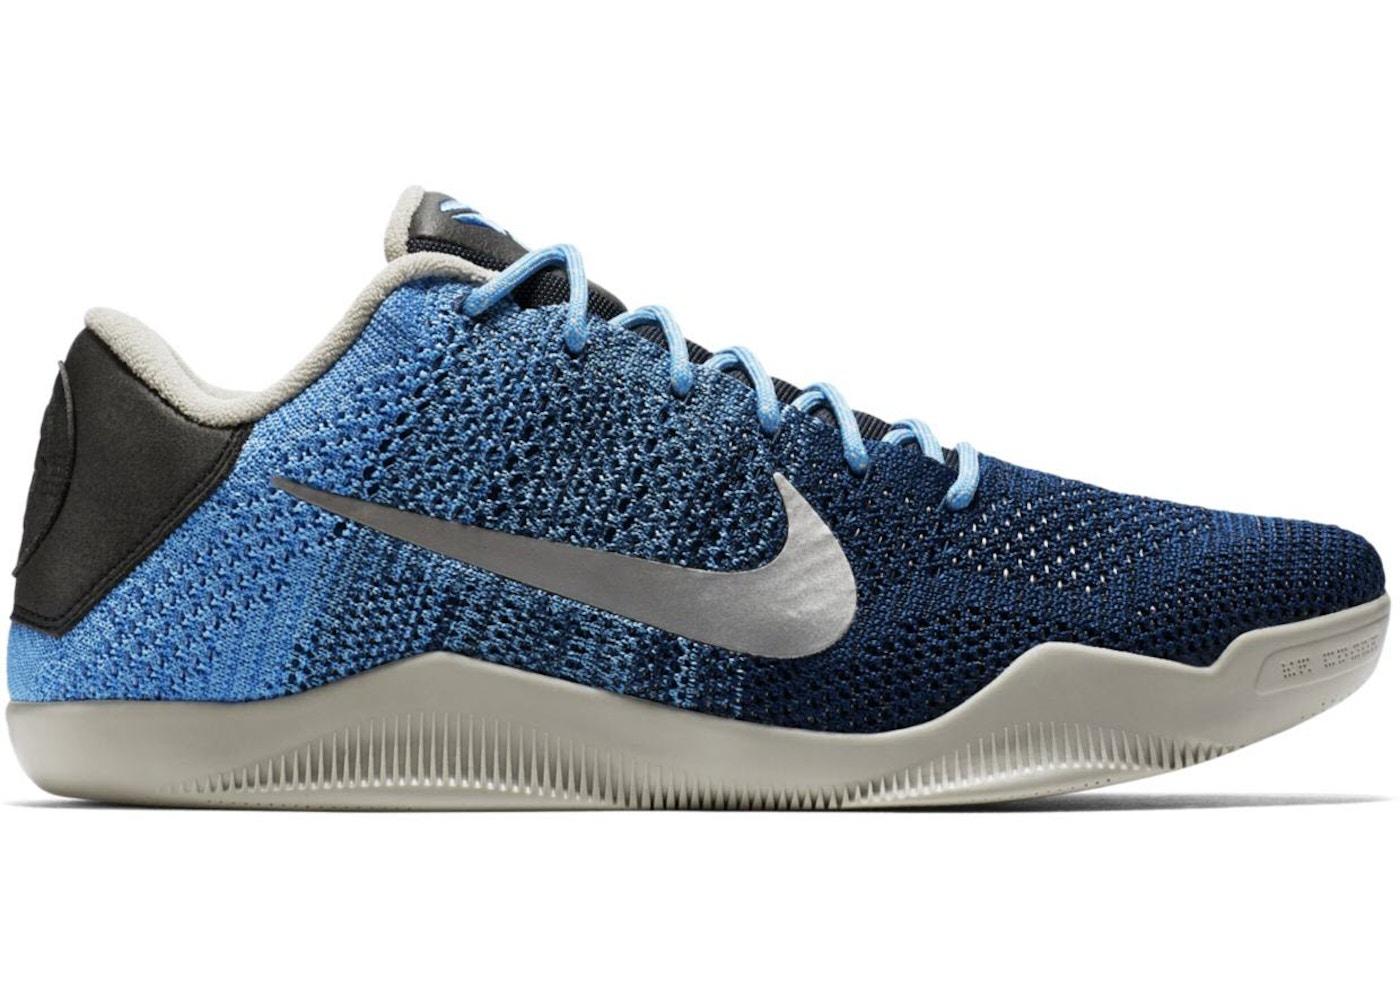 best sneakers 51924 8dbc8 Kobe 11 Brave Blue - 822675-404